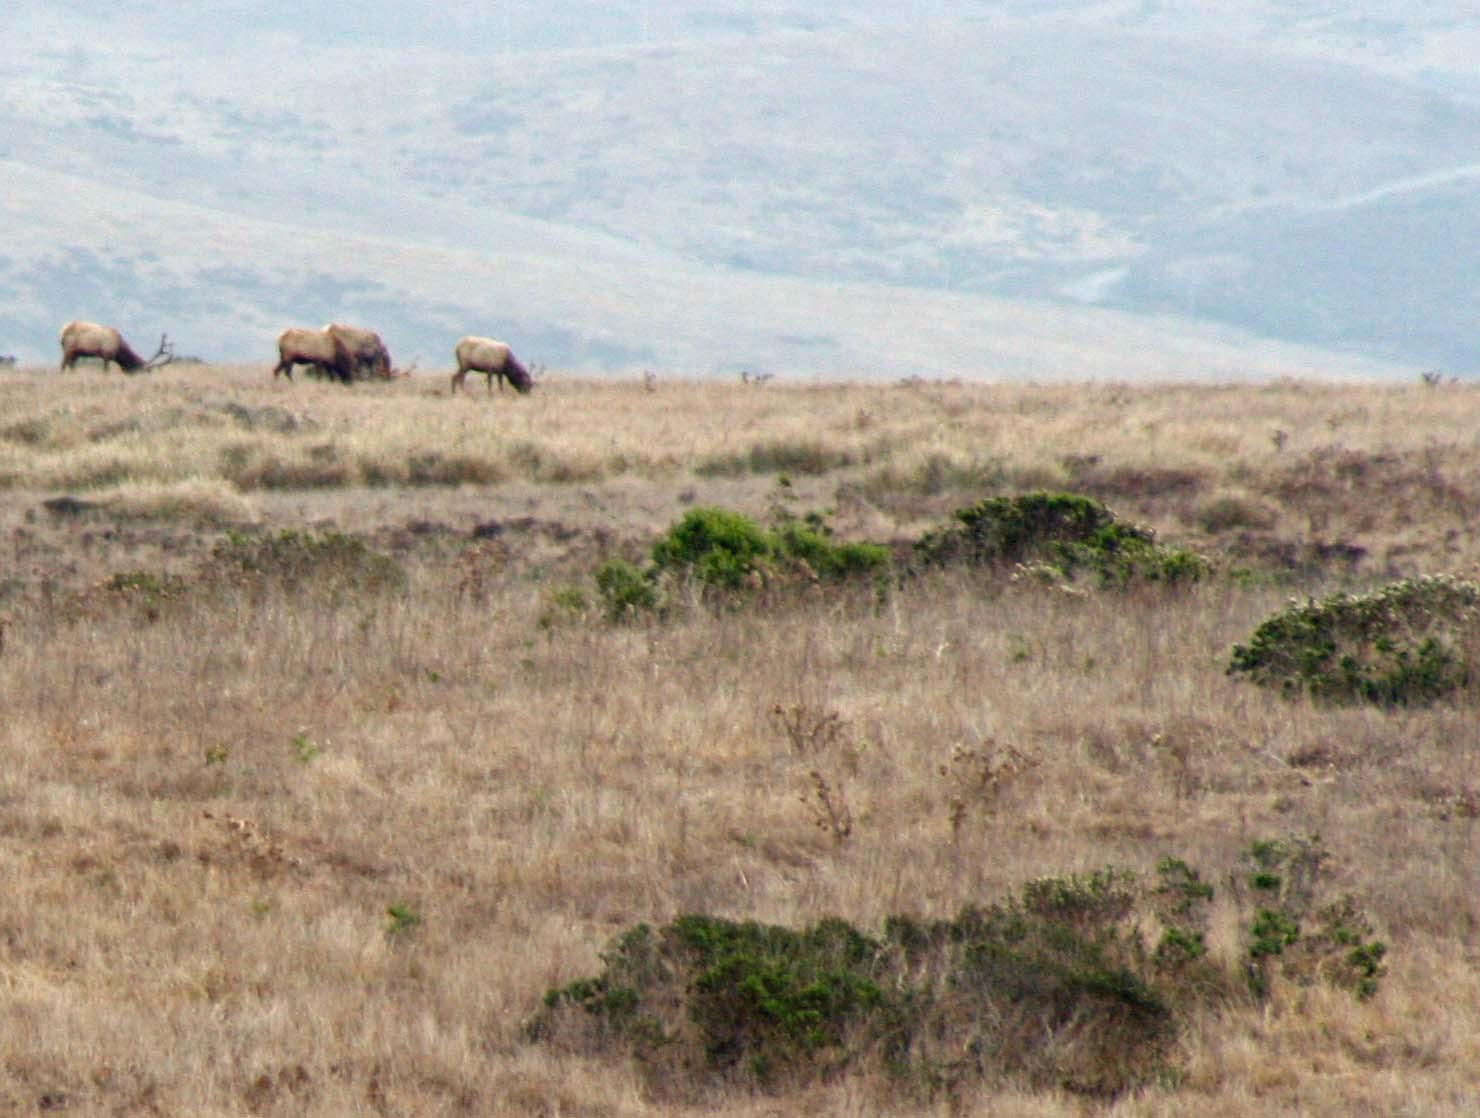 Tule Elk grazing on a hill at the Tule Elk Preserve at Pt. Reyes National Seashore.